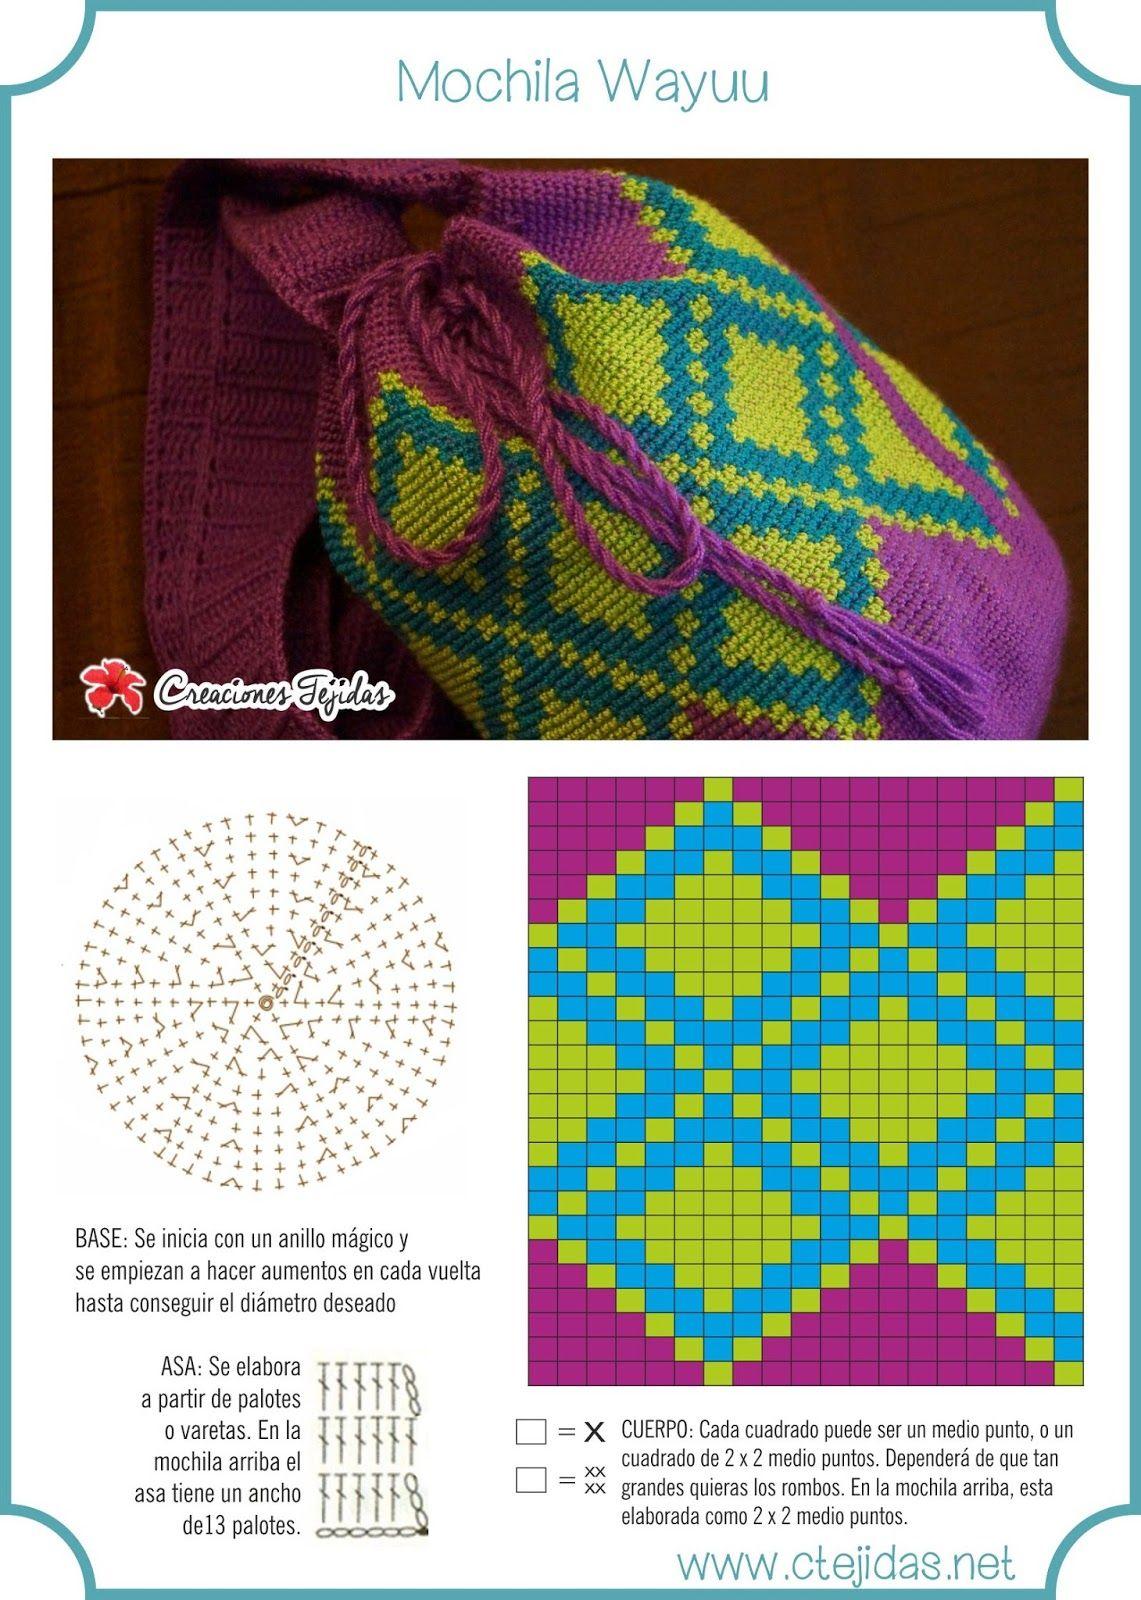 Patr n de mochila way u handarbeiten crafts labores - Bolsos tejidos a crochet ...